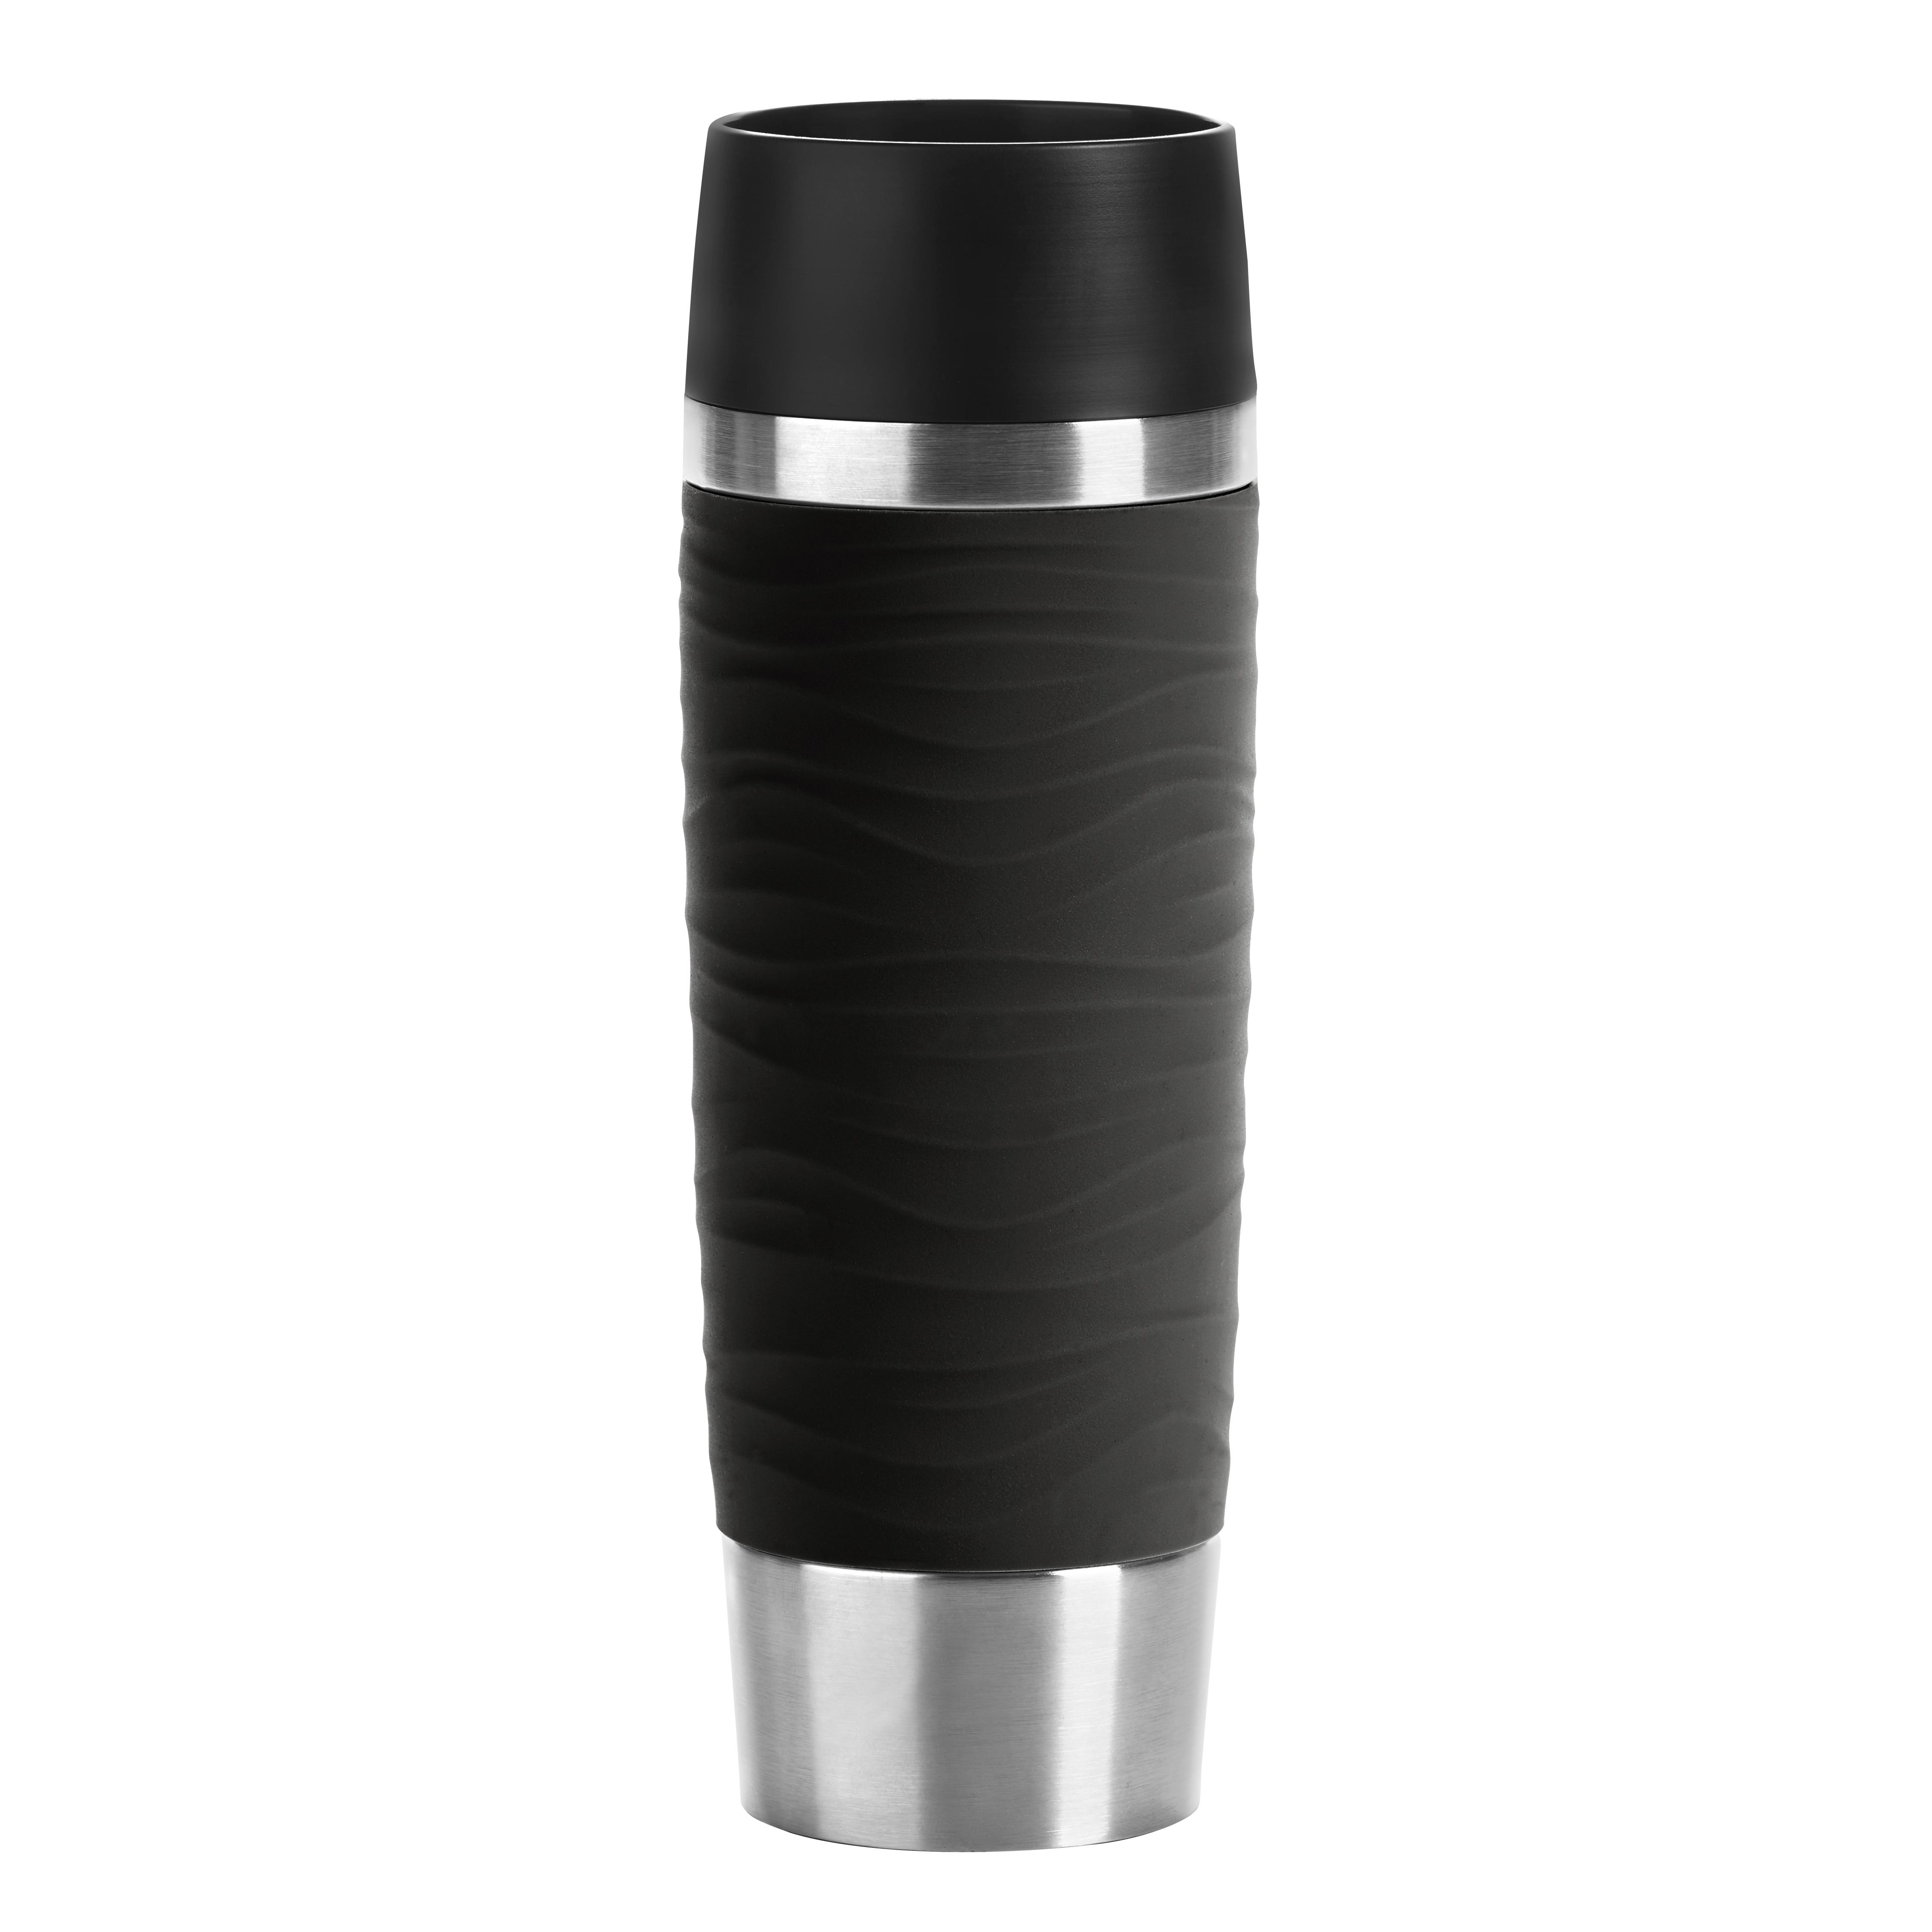 EMSA N2011900 Travel Mug Wave-Design Thermobecher/Isolierbecher (0,5 L Fassungsvermögen, hält 6h heiß/ 12h kalt, 100% dicht, auslaufsicher, Easy Quick-Press-Verschluss, 360°-Trinköffnung) Schwarz